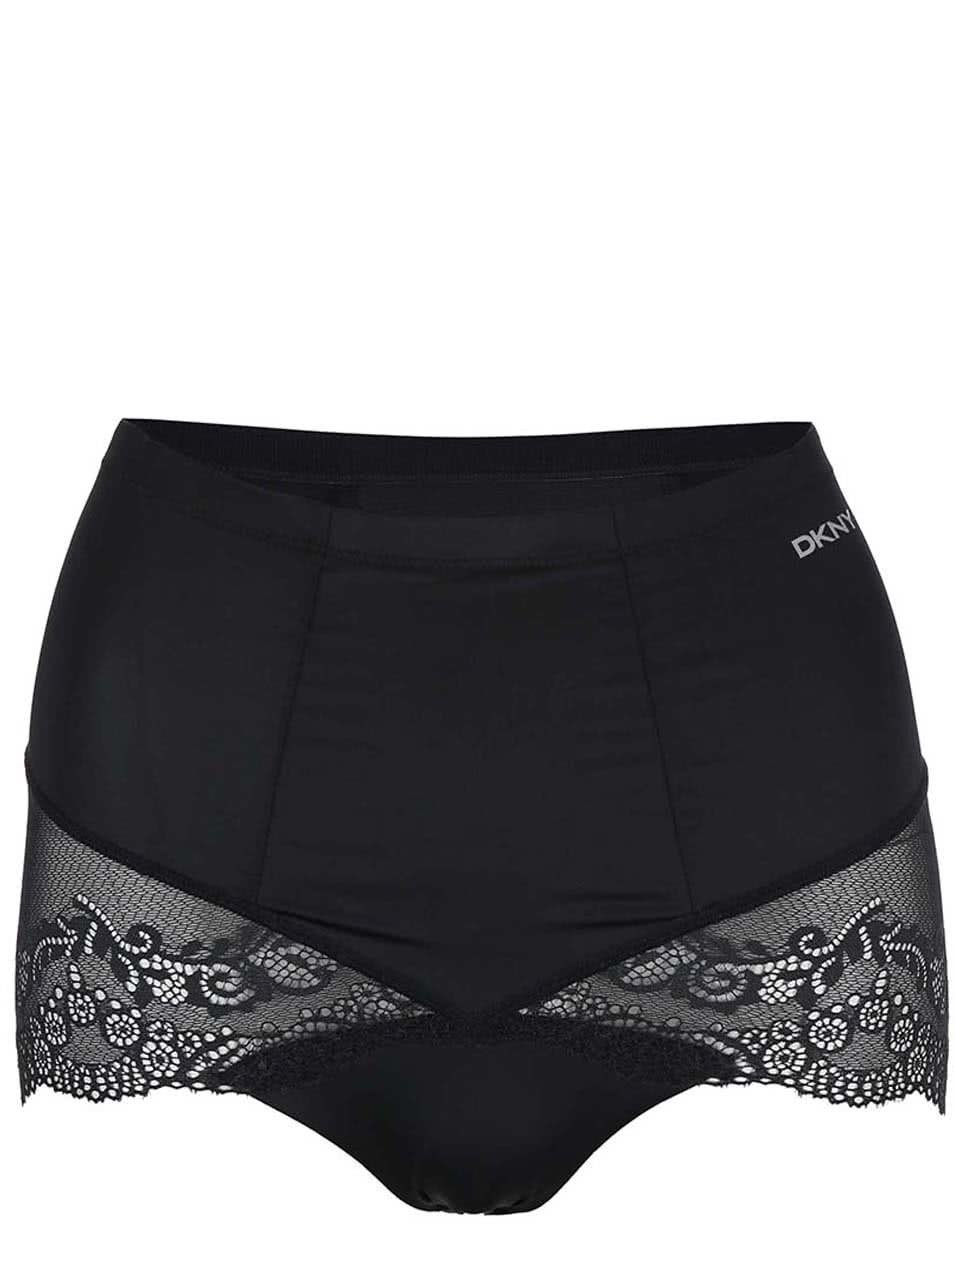 Černé stahovací kalhotky DKNY